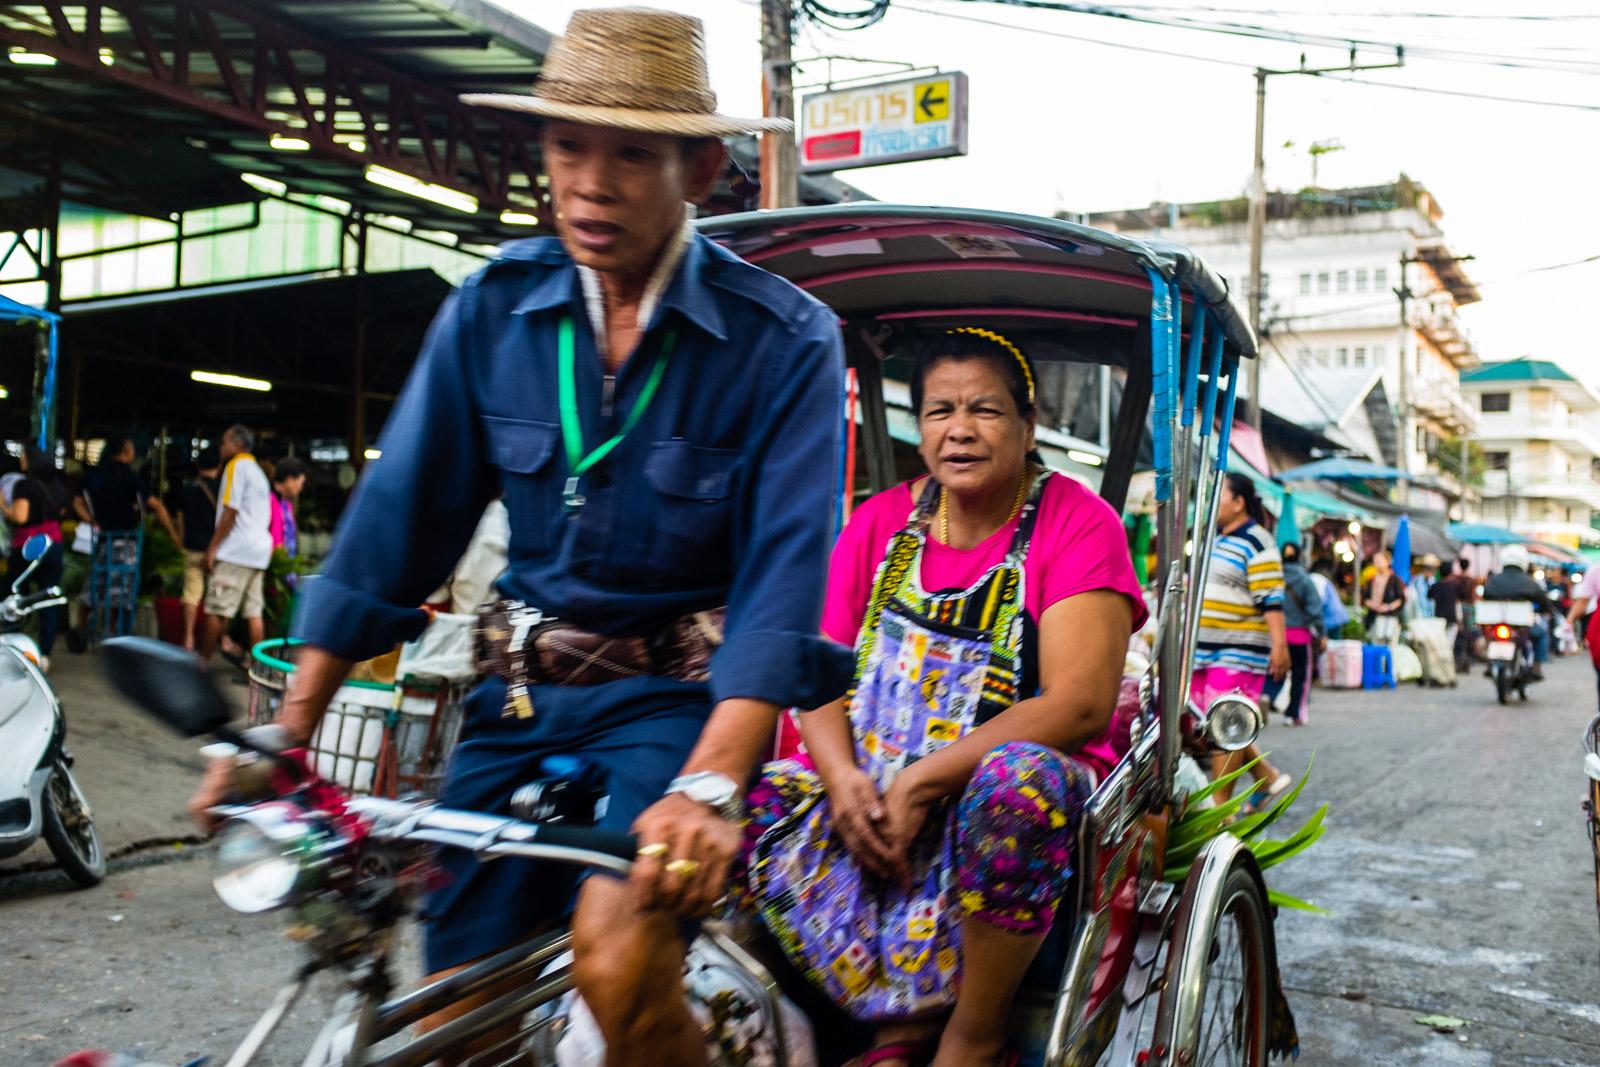 Bicycle rickshaw